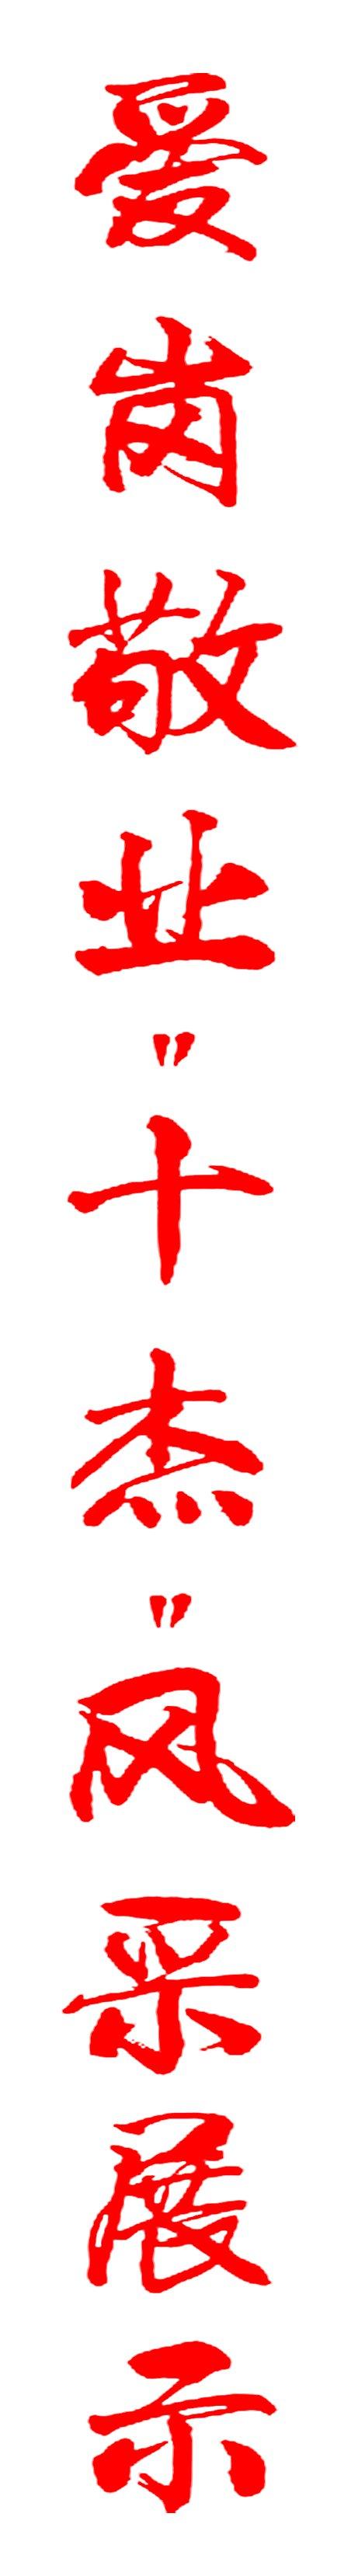 图片新闻-辽宁工程技术大学校报电子版